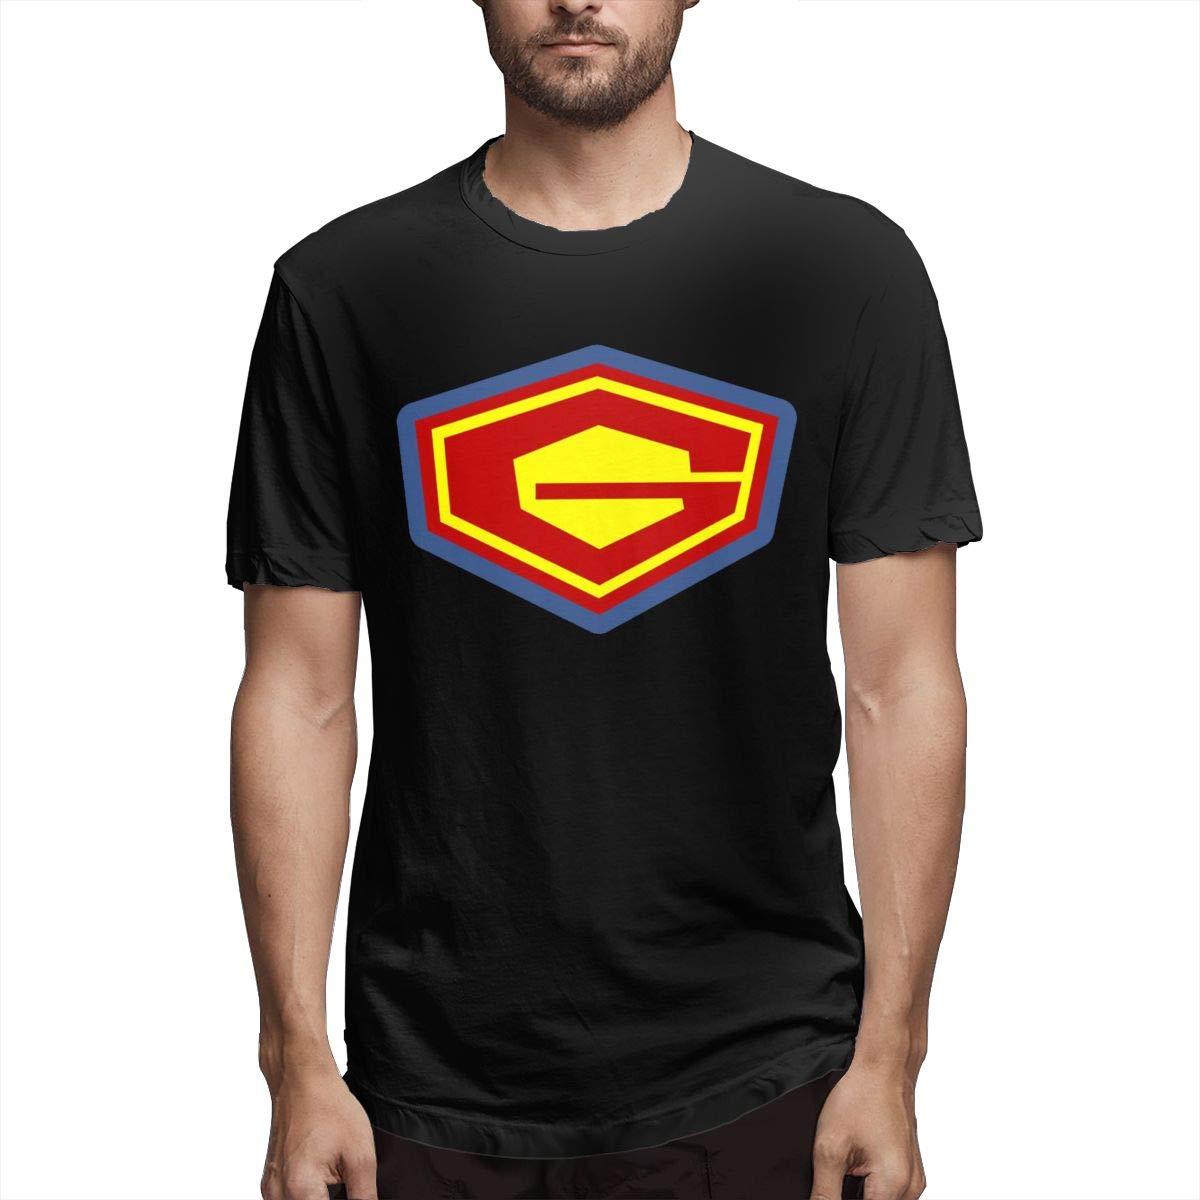 Zzlll Gforce Tshirt Tshirt